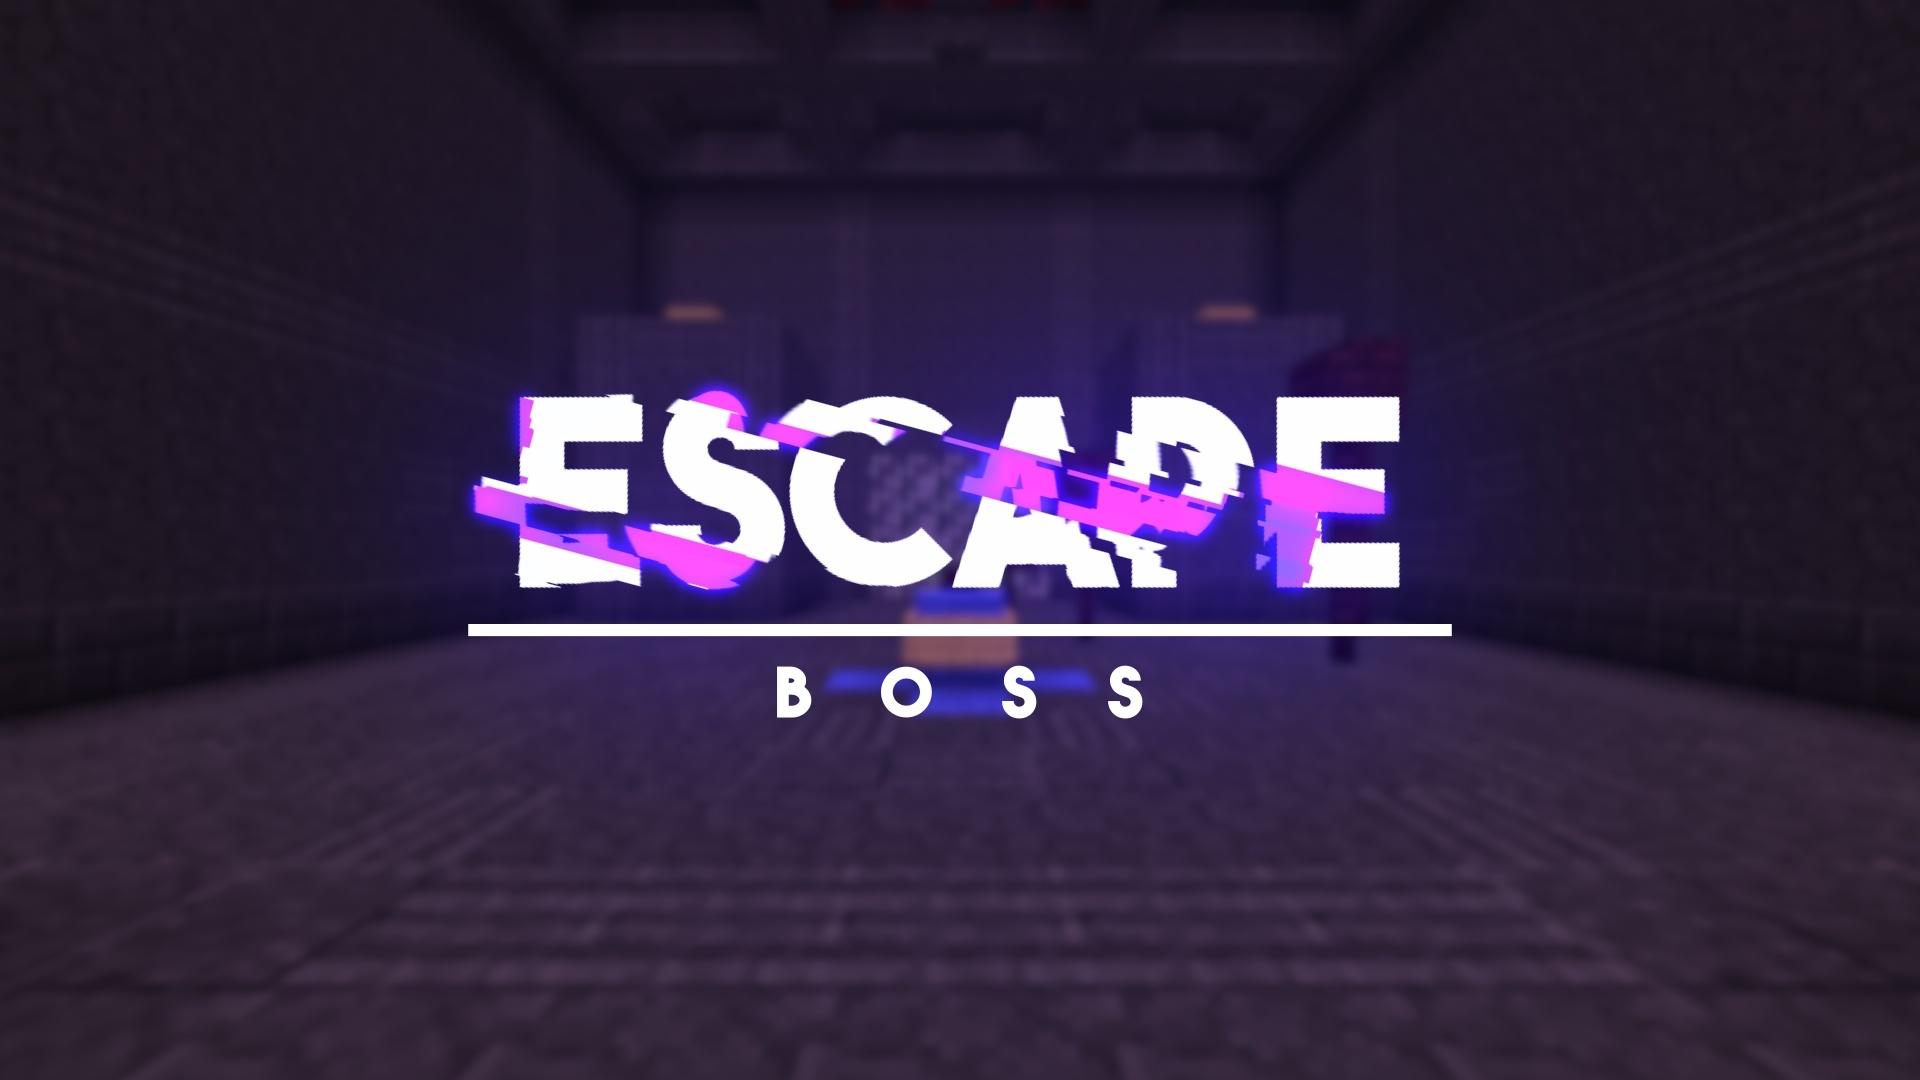 Escape: Boss